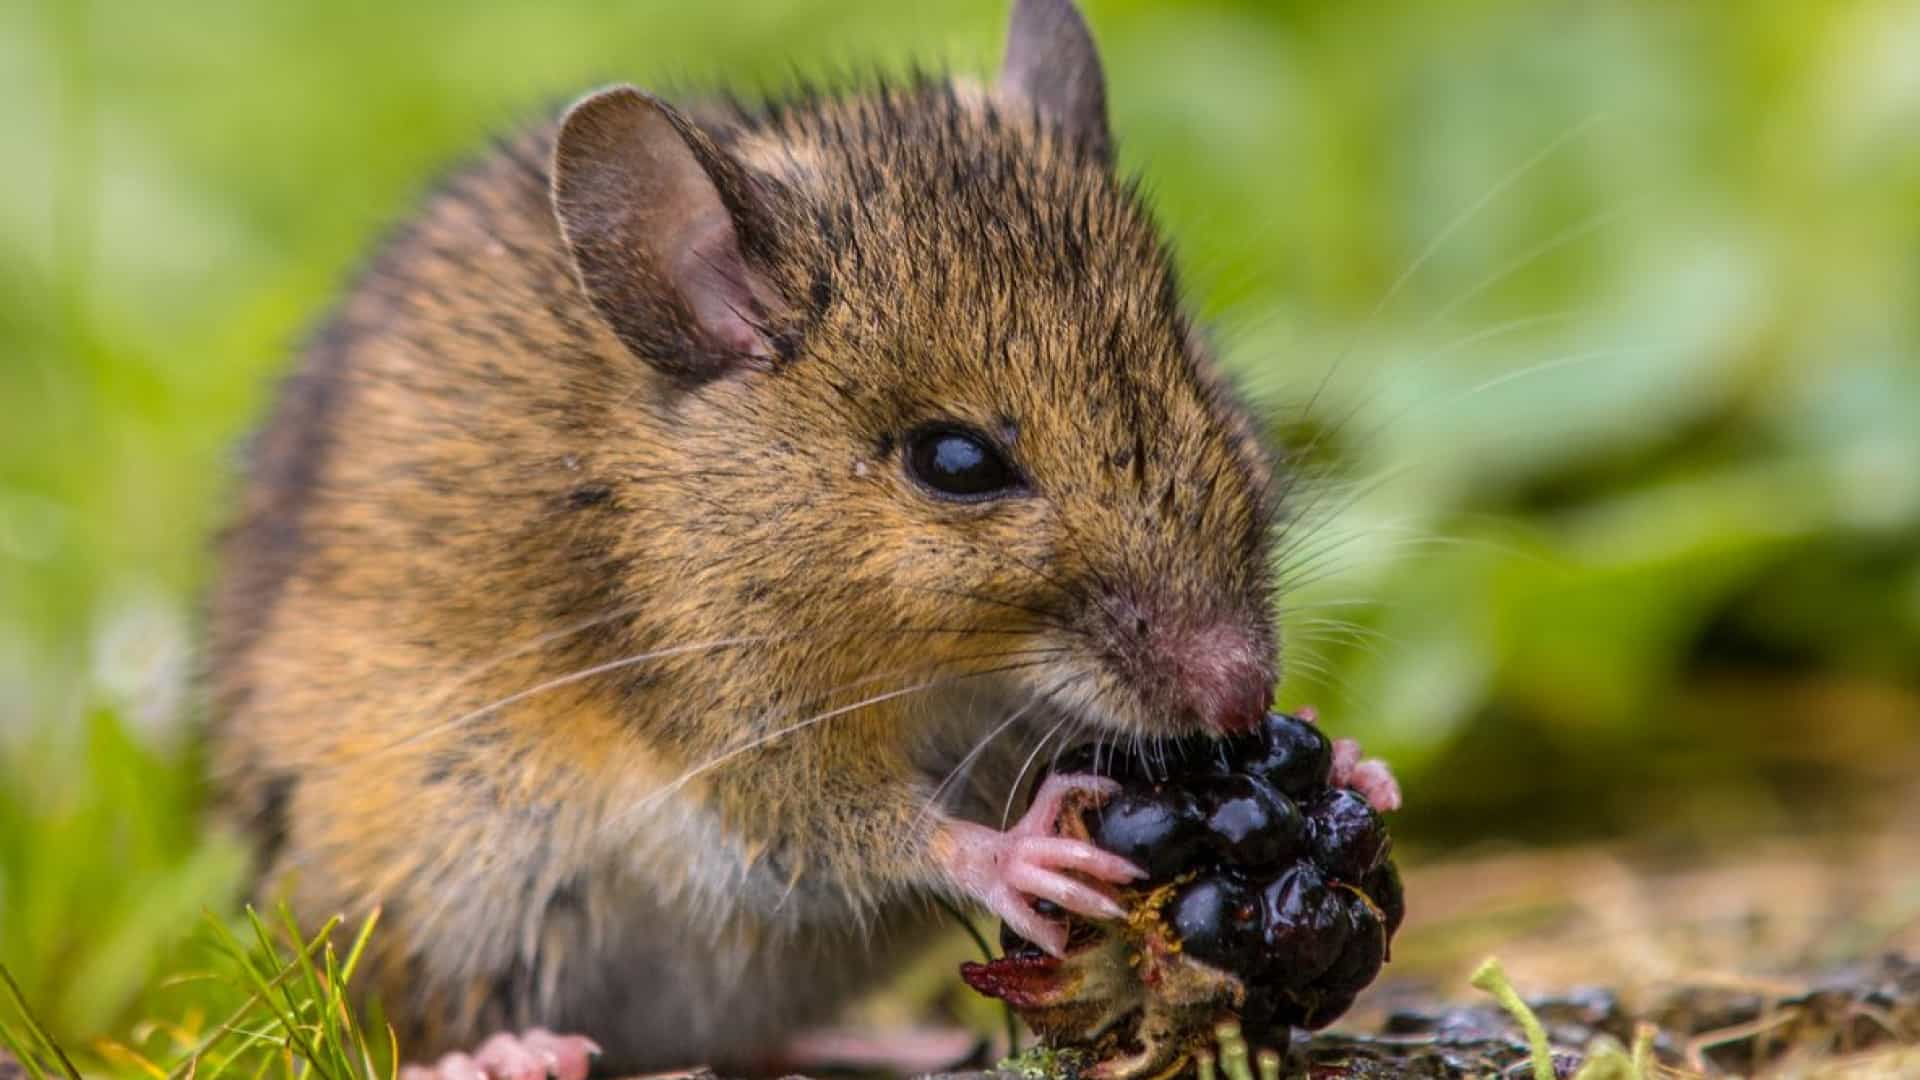 SABIA QUE os ratos são animais limpos e arrumados?